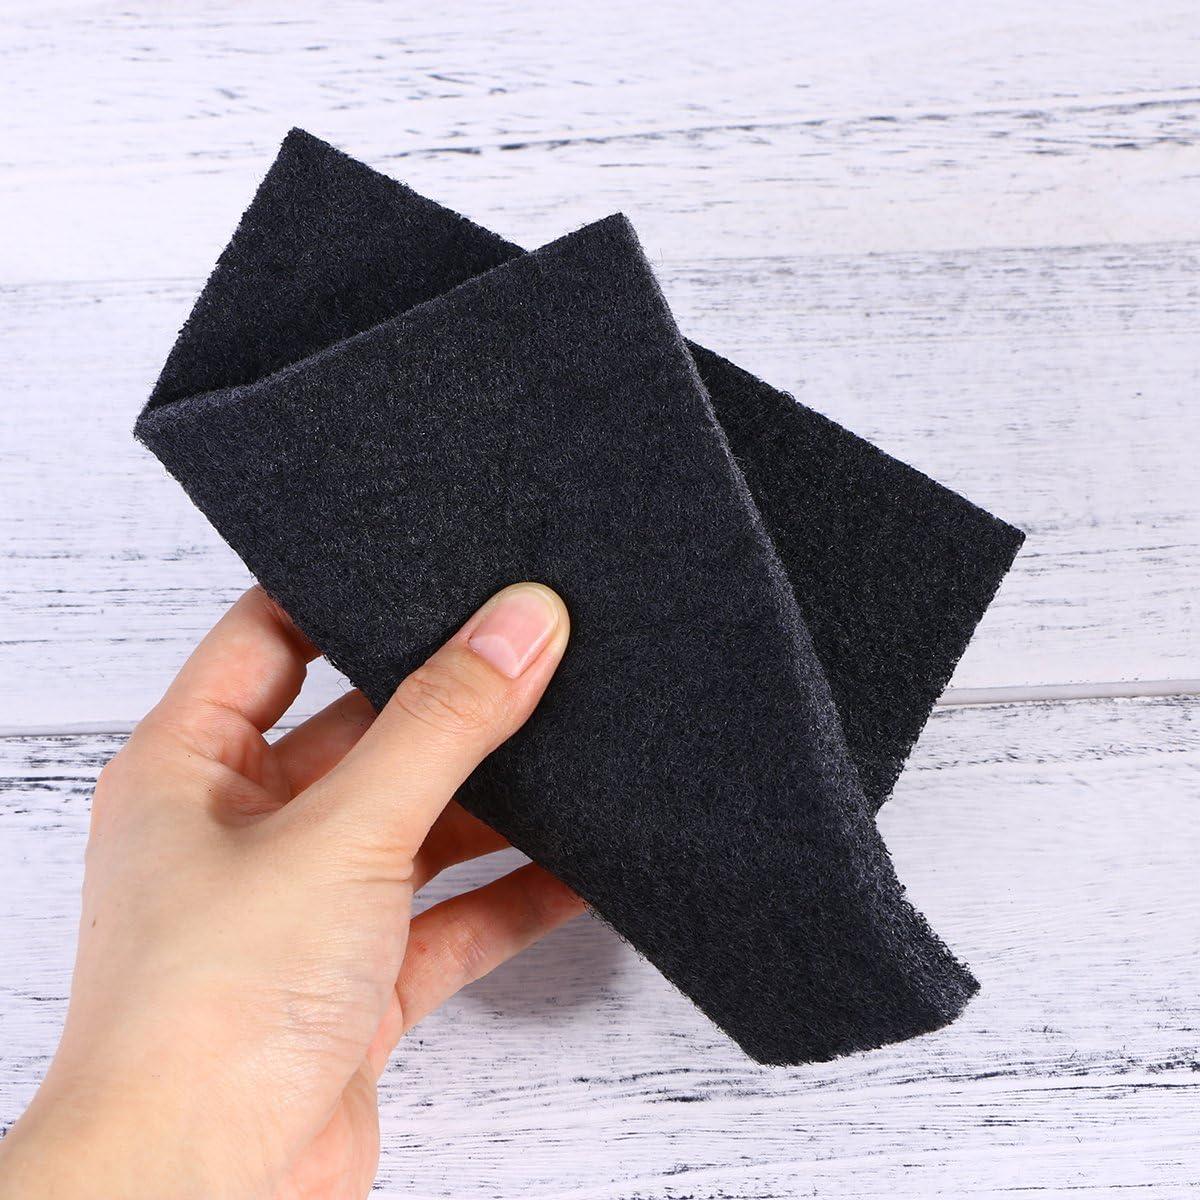 UEETEK Filtro de Carbono de Repuesto 6Pcs para Bandeja de Basura con Capucha: Amazon.es: Productos para mascotas